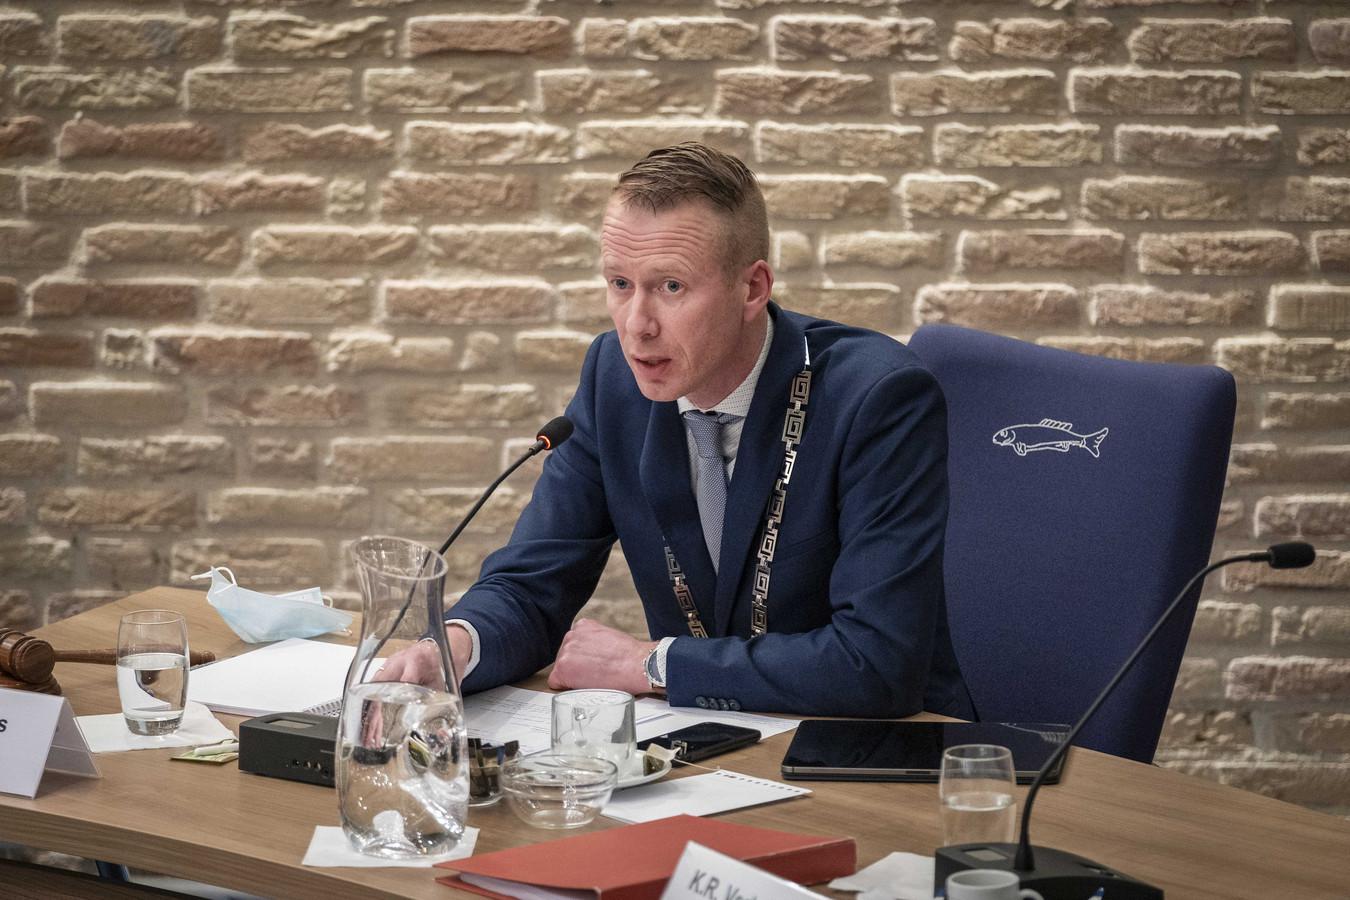 Burgemeester Cees van den Bos tijdens een spoeddebat over de rellen tegen de avondklok. Bij de rellen vernielden relschoppers politieauto's, belaagden zij een cameraploeg van de NOS en werd een testlocatie van de GGD in brand gestoken.